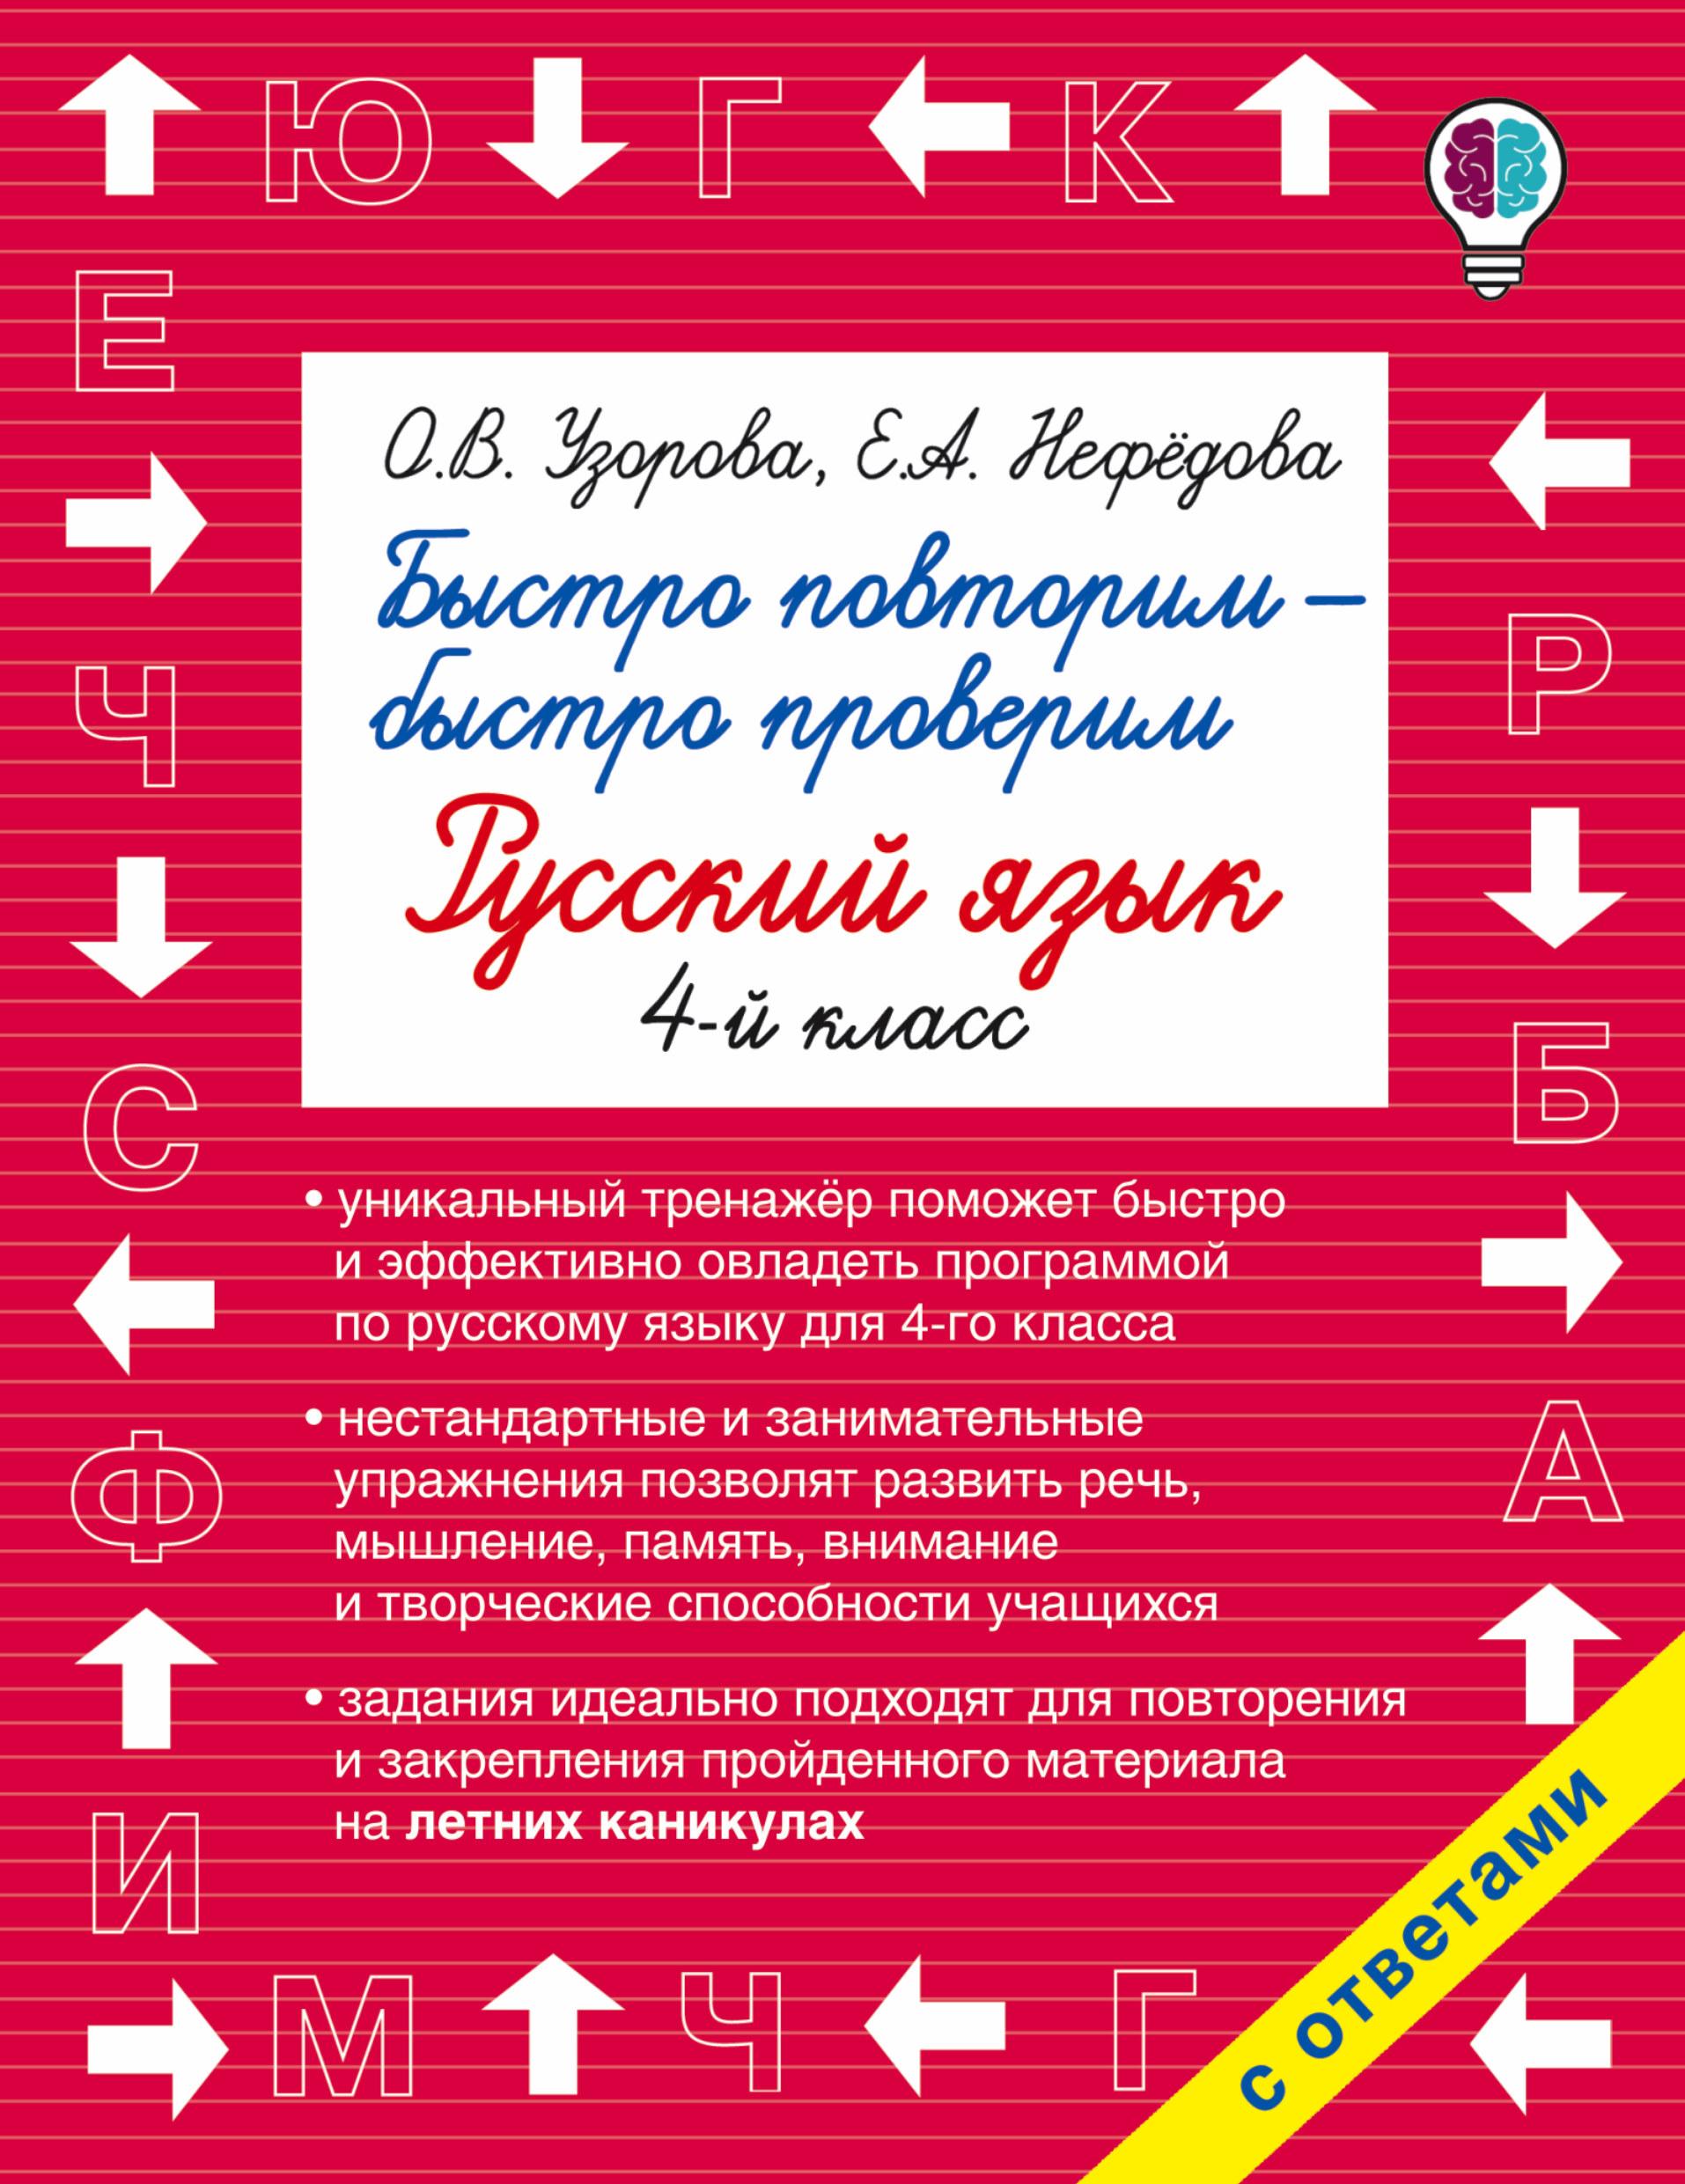 Быстро повторим — быстро проверим. Русский язык. 4-й класс